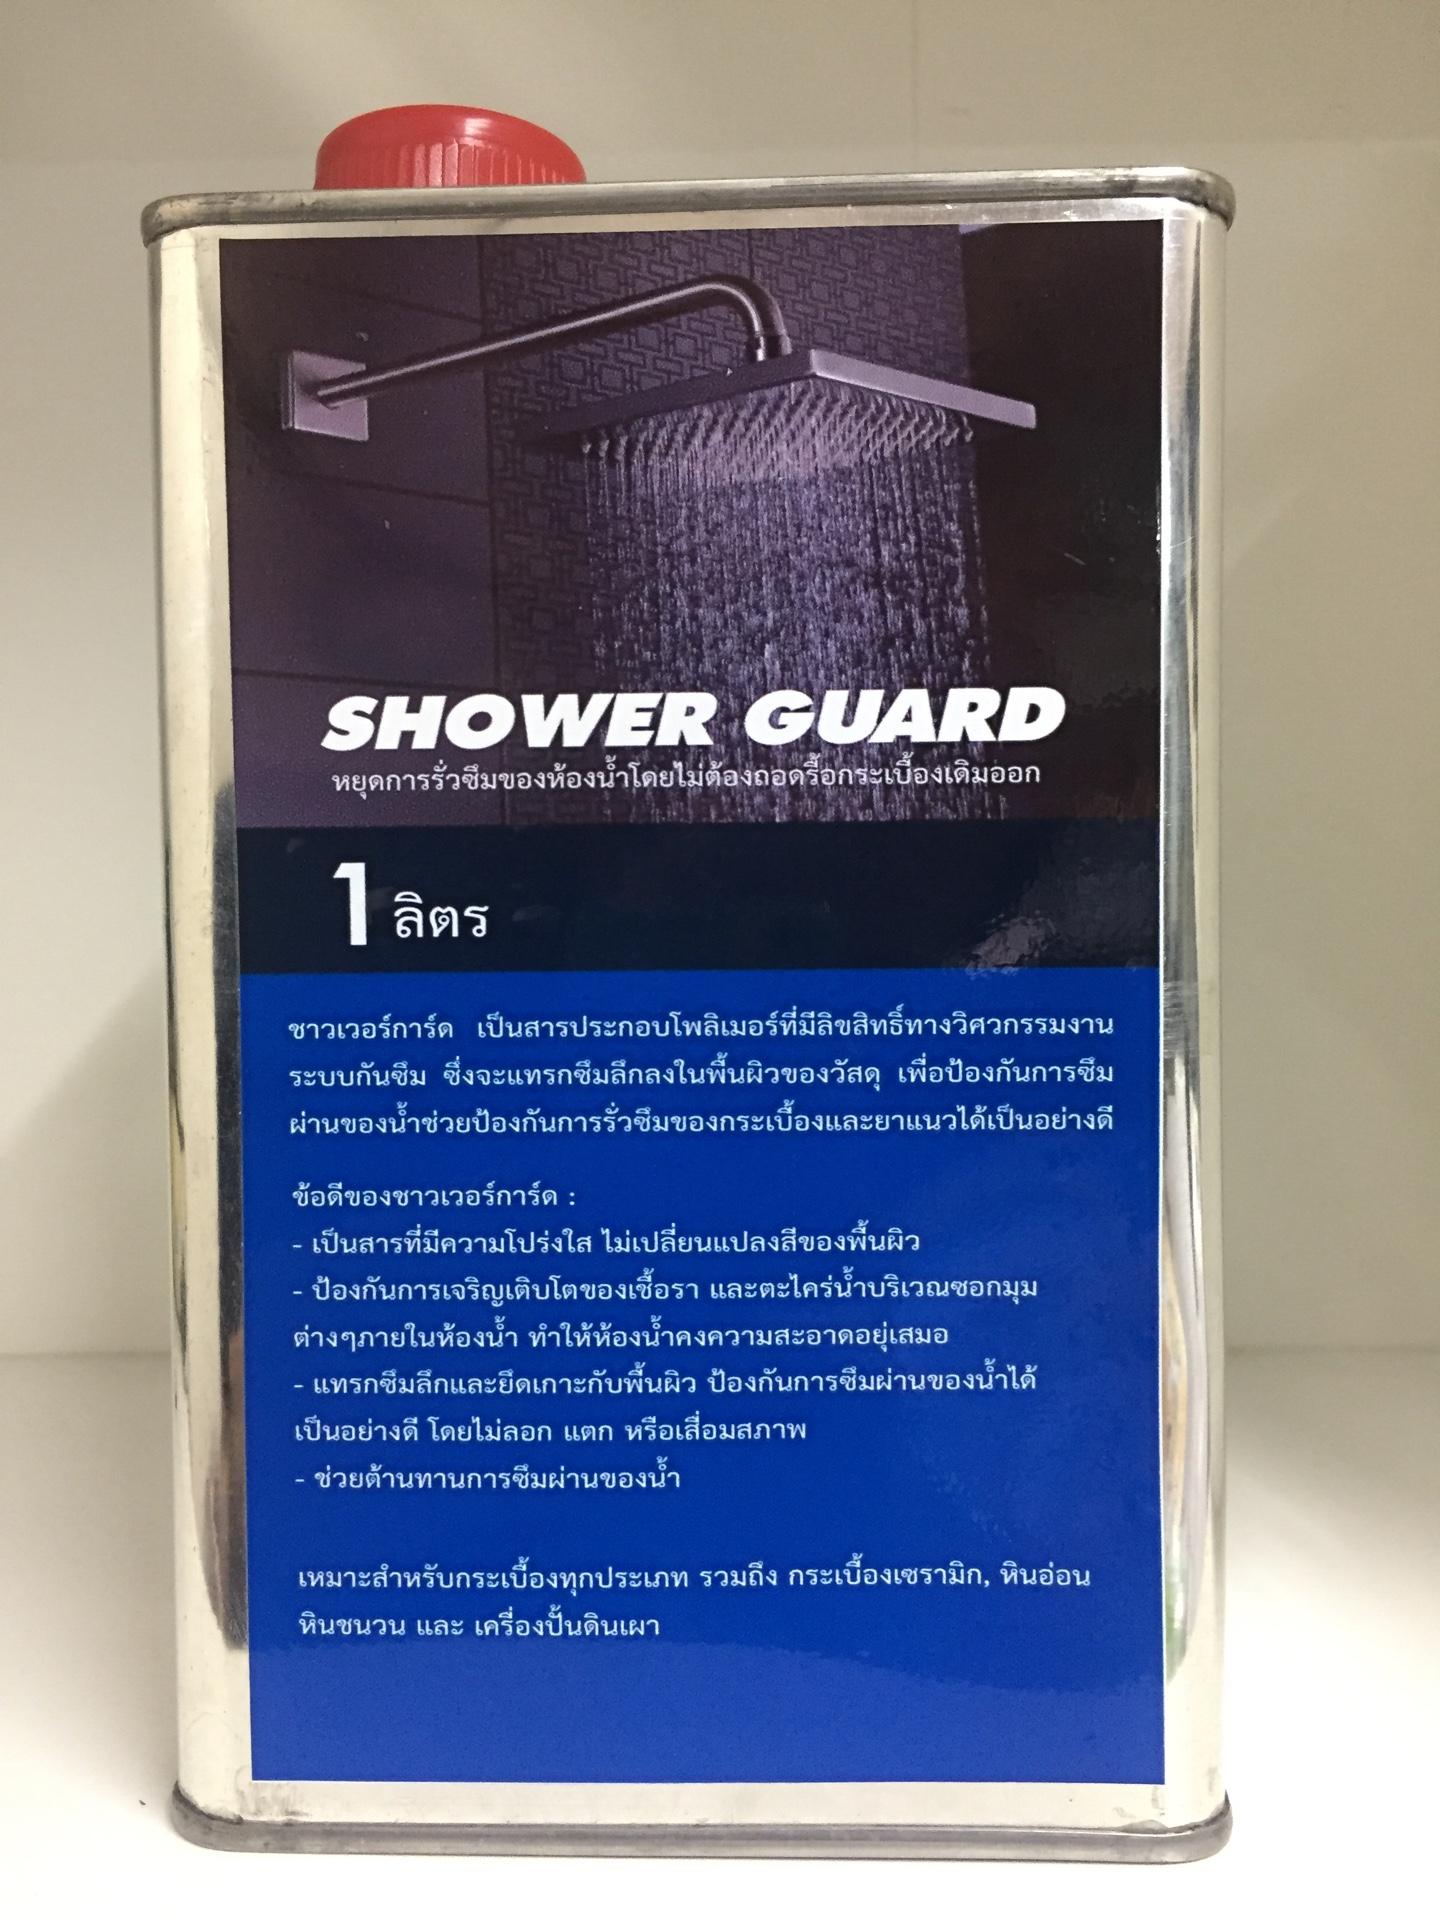 สั่งซื้อกันซึม Shower Guard